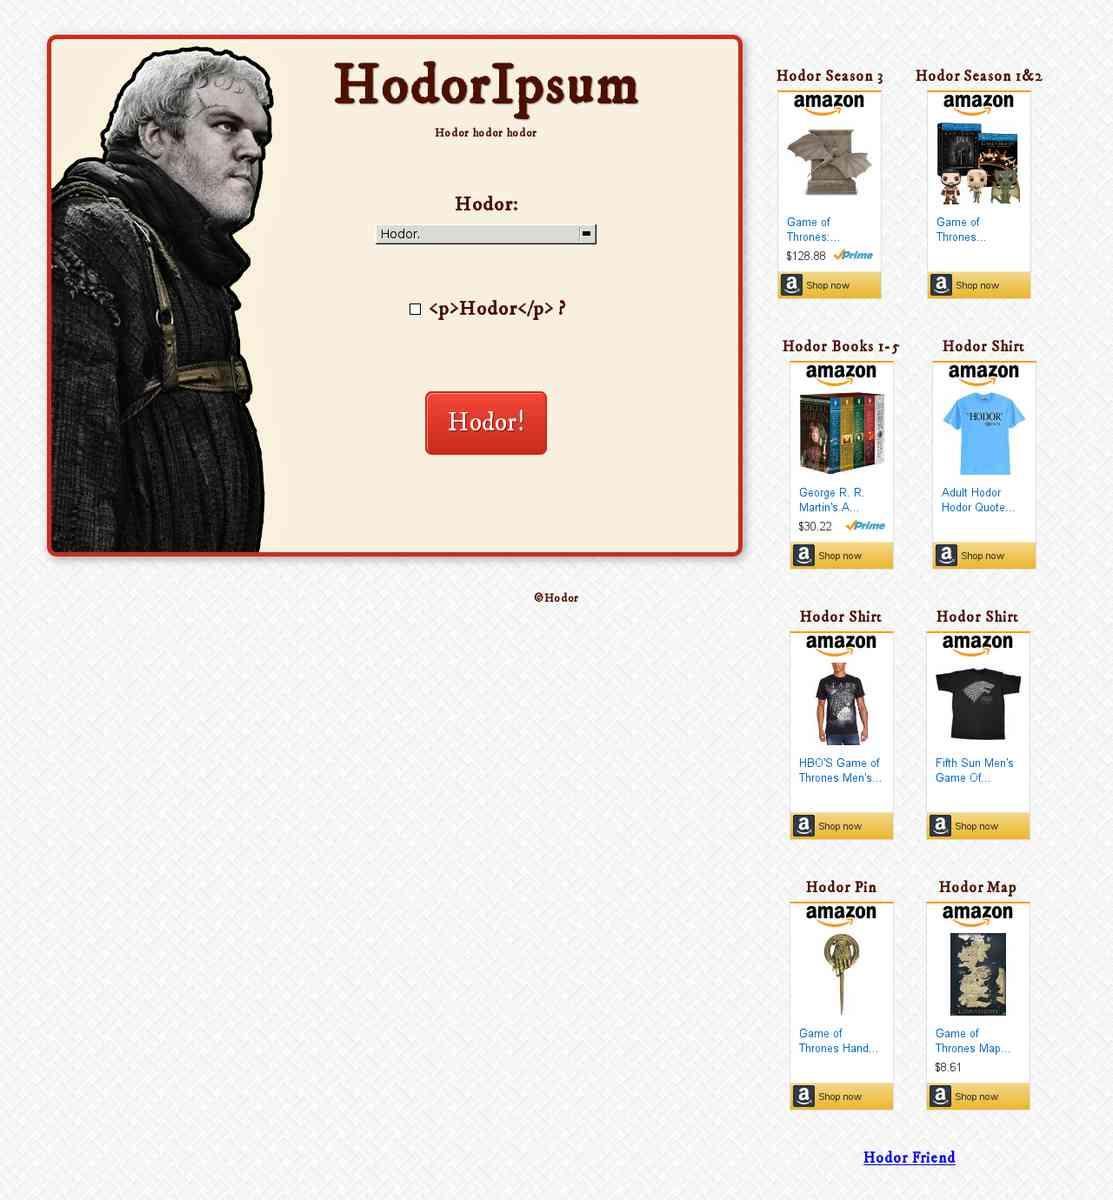 HodorIpsum